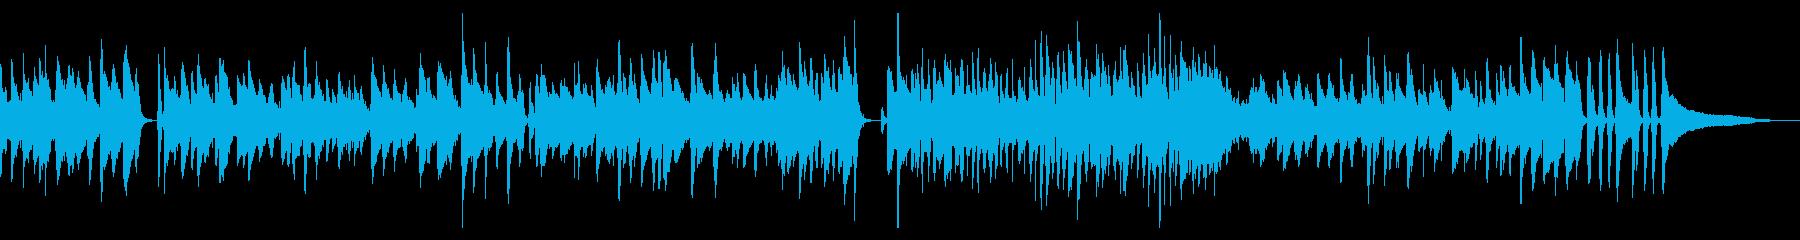 本格的ピアノジャズの再生済みの波形